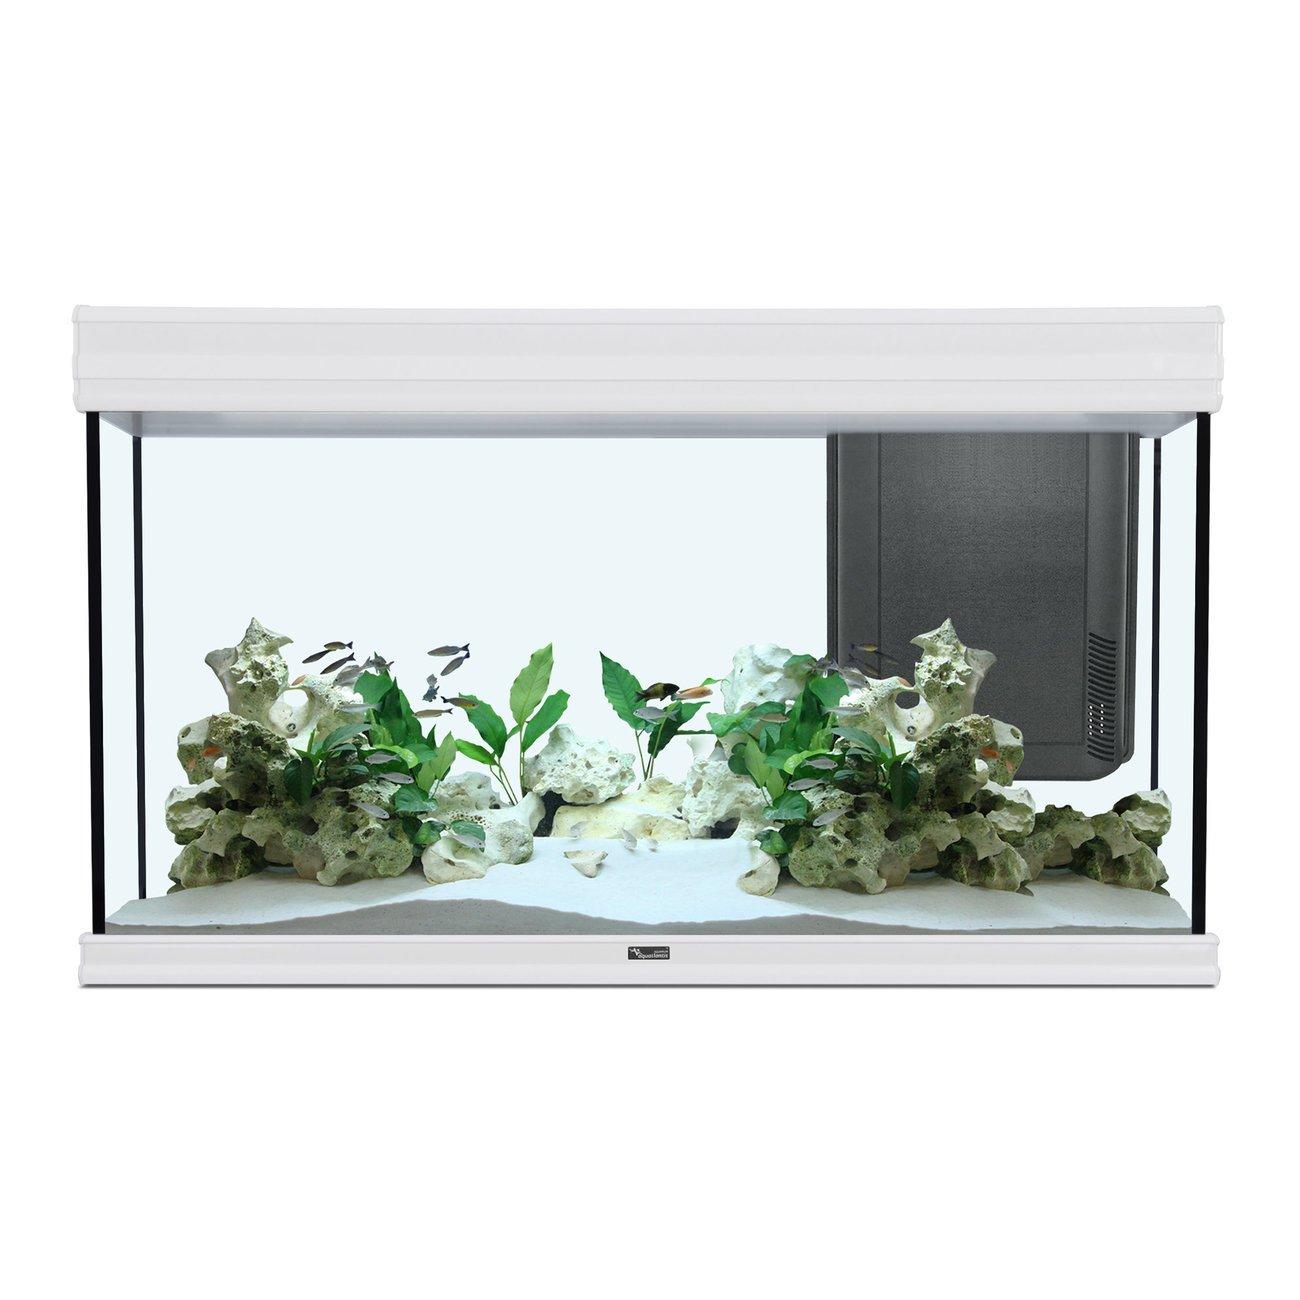 Aquatlantis Fusion 100 Aquarium